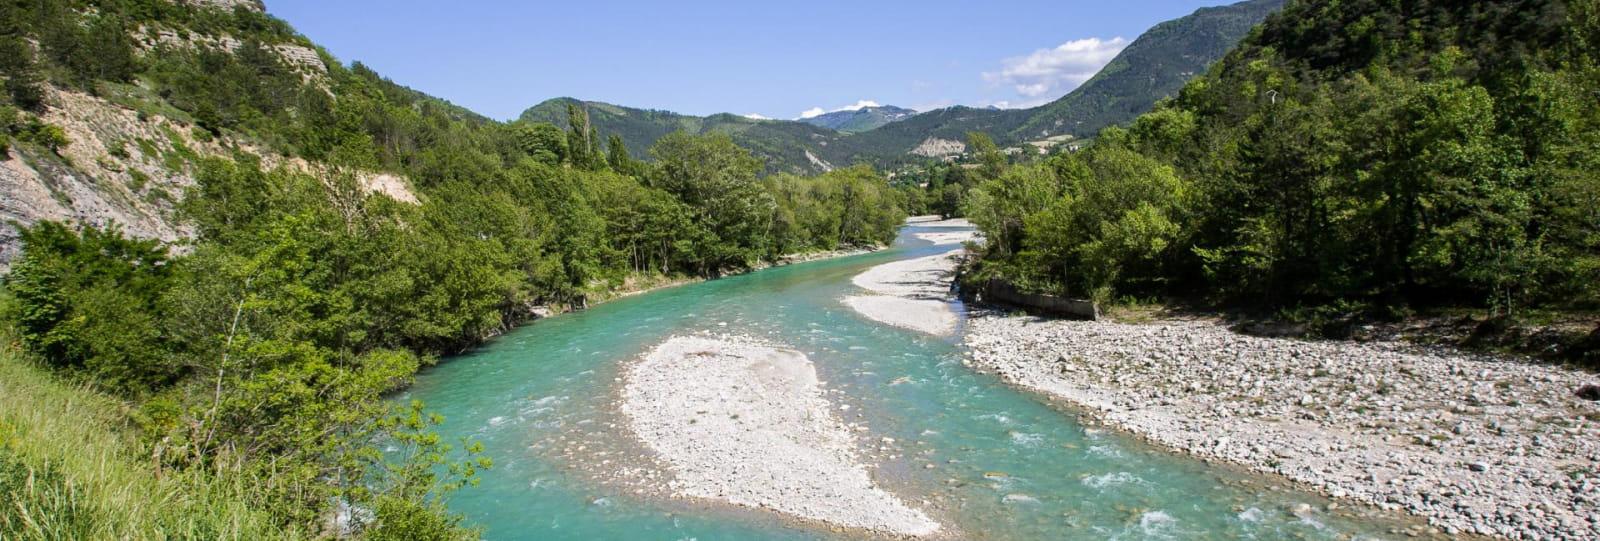 La rivière Drôme et ses nombreux lieux de baignade